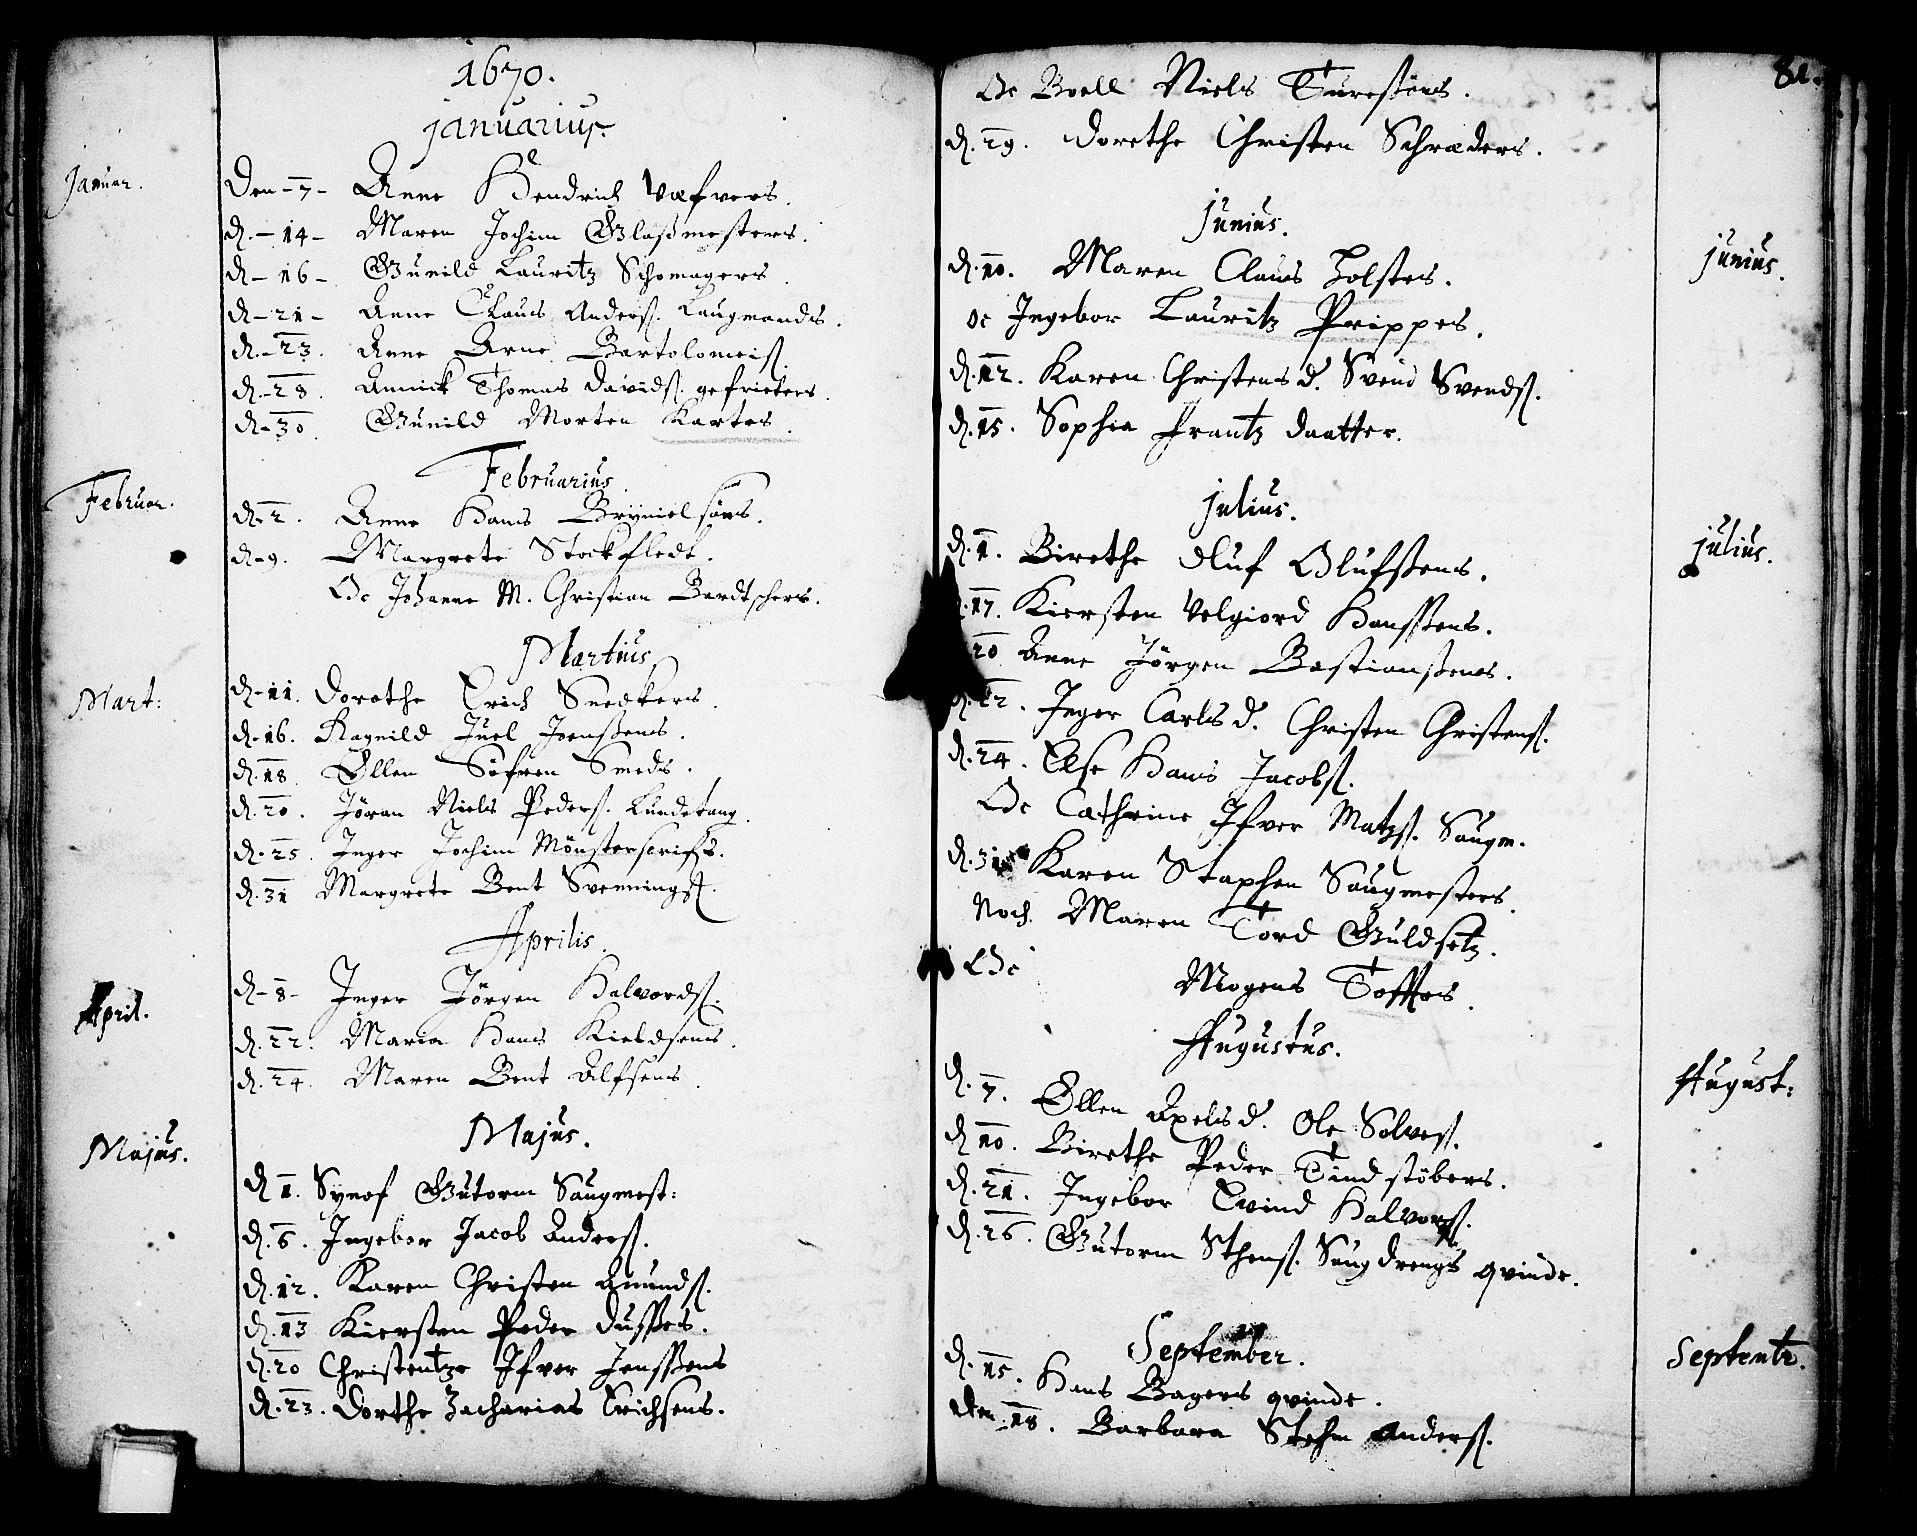 SAKO, Skien kirkebøker, F/Fa/L0001: Ministerialbok nr. 1, 1659-1679, s. 81